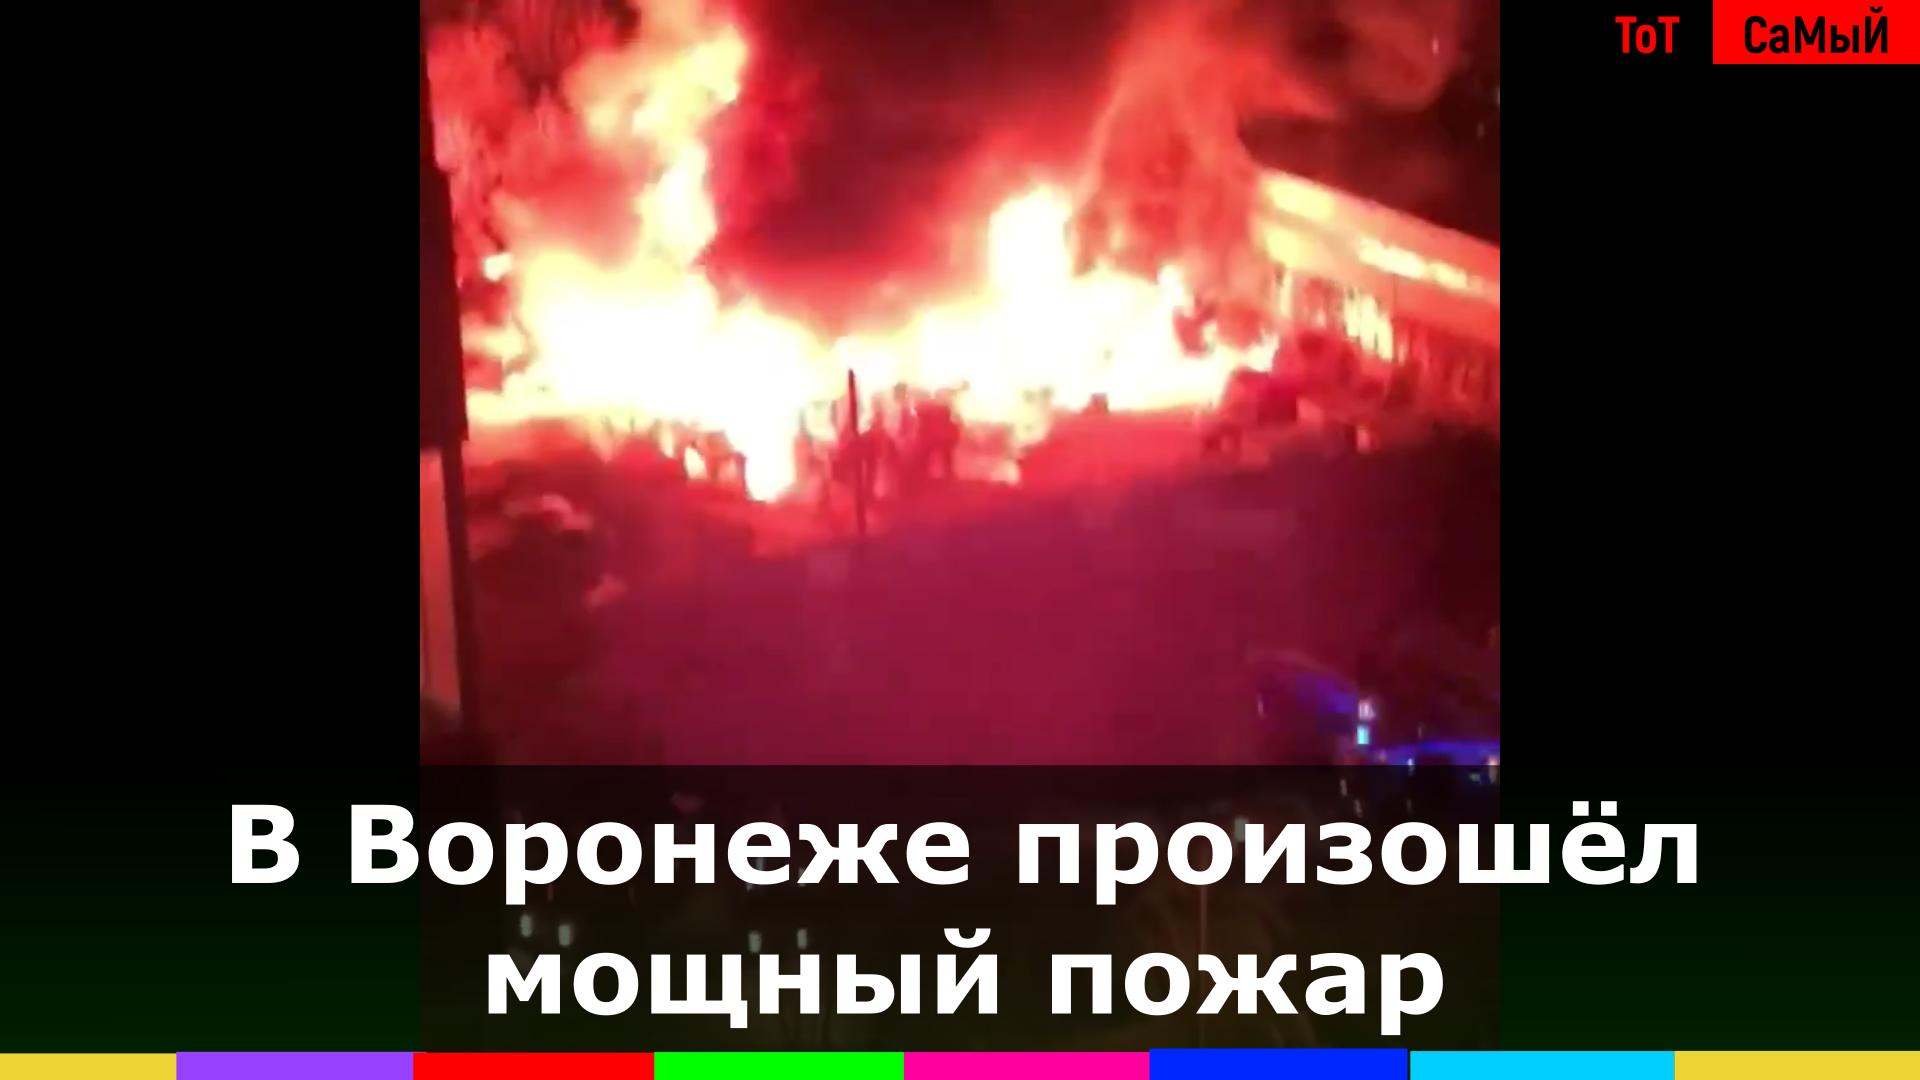 В Воронеже ночью произошёл мощный пожар на складе, в промзоне на улице Кривошеина